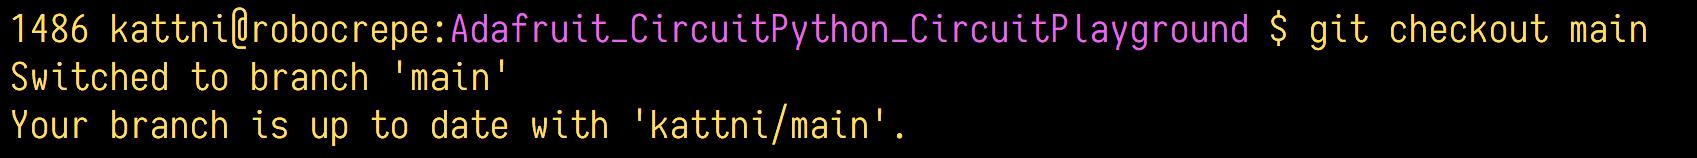 circuitpython_GitBranchCheckoutMain.png